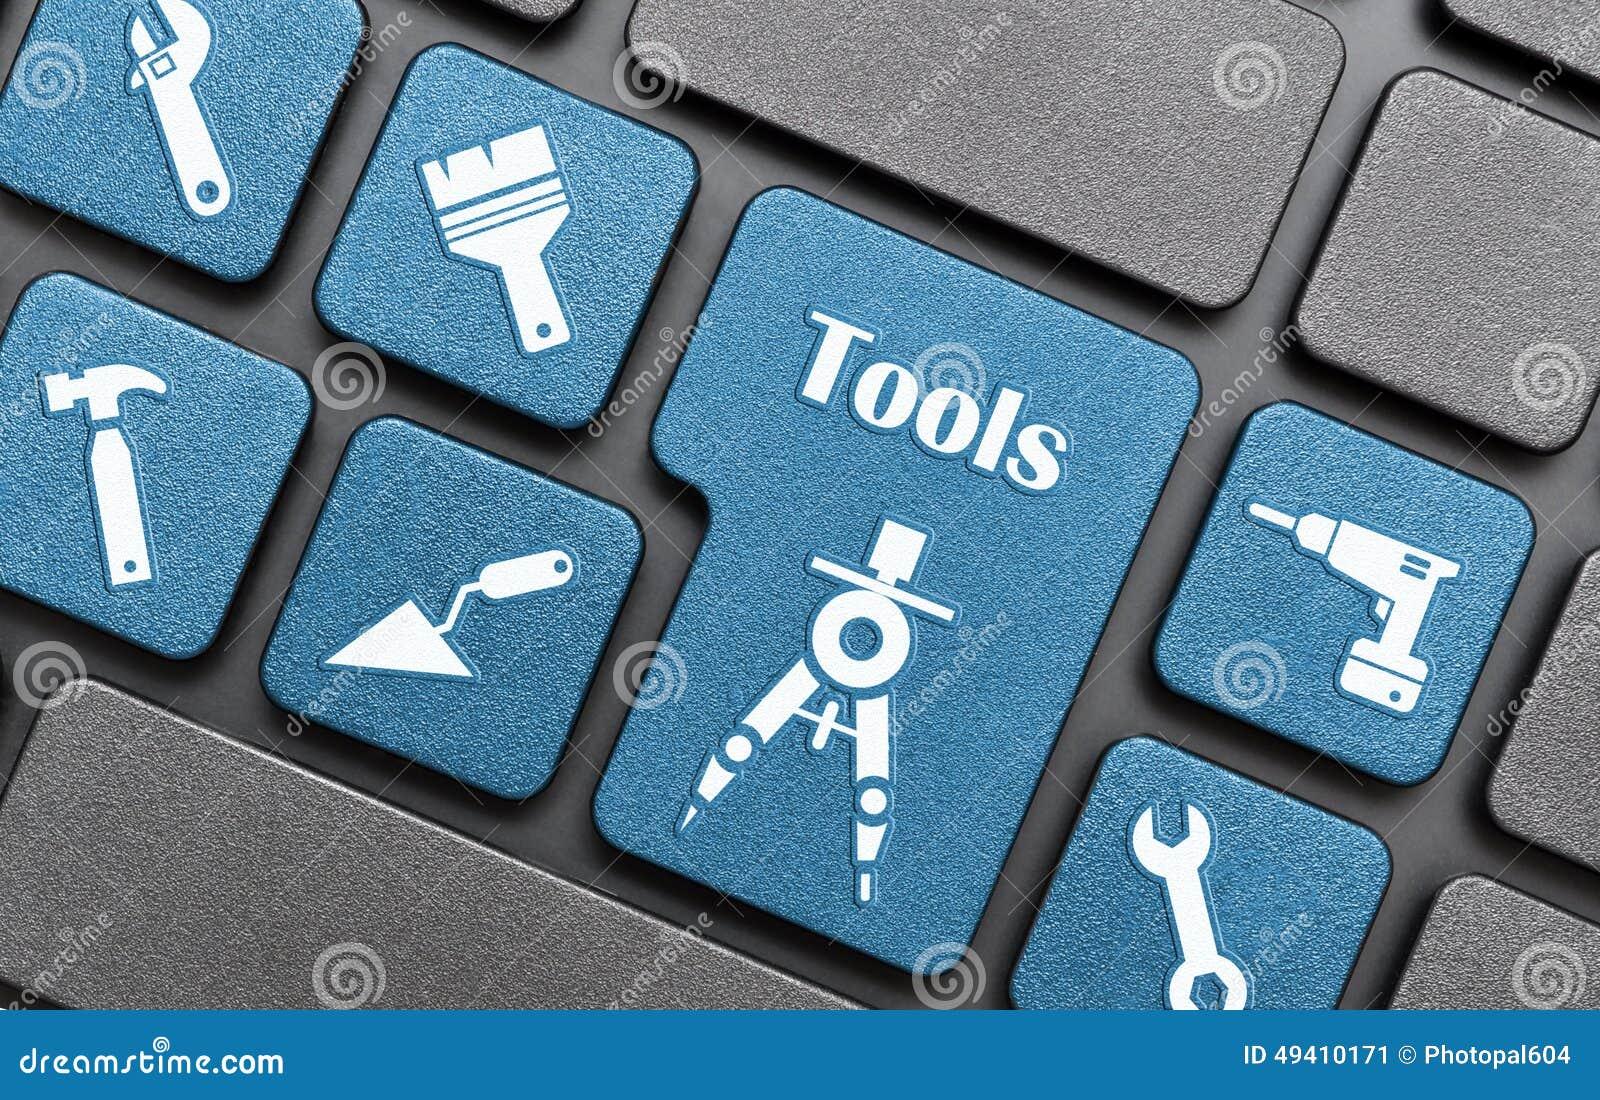 Download Werkzeuge Befestigen Auf Tastatur Stock Abbildung - Illustration von weiß, zugriff: 49410171